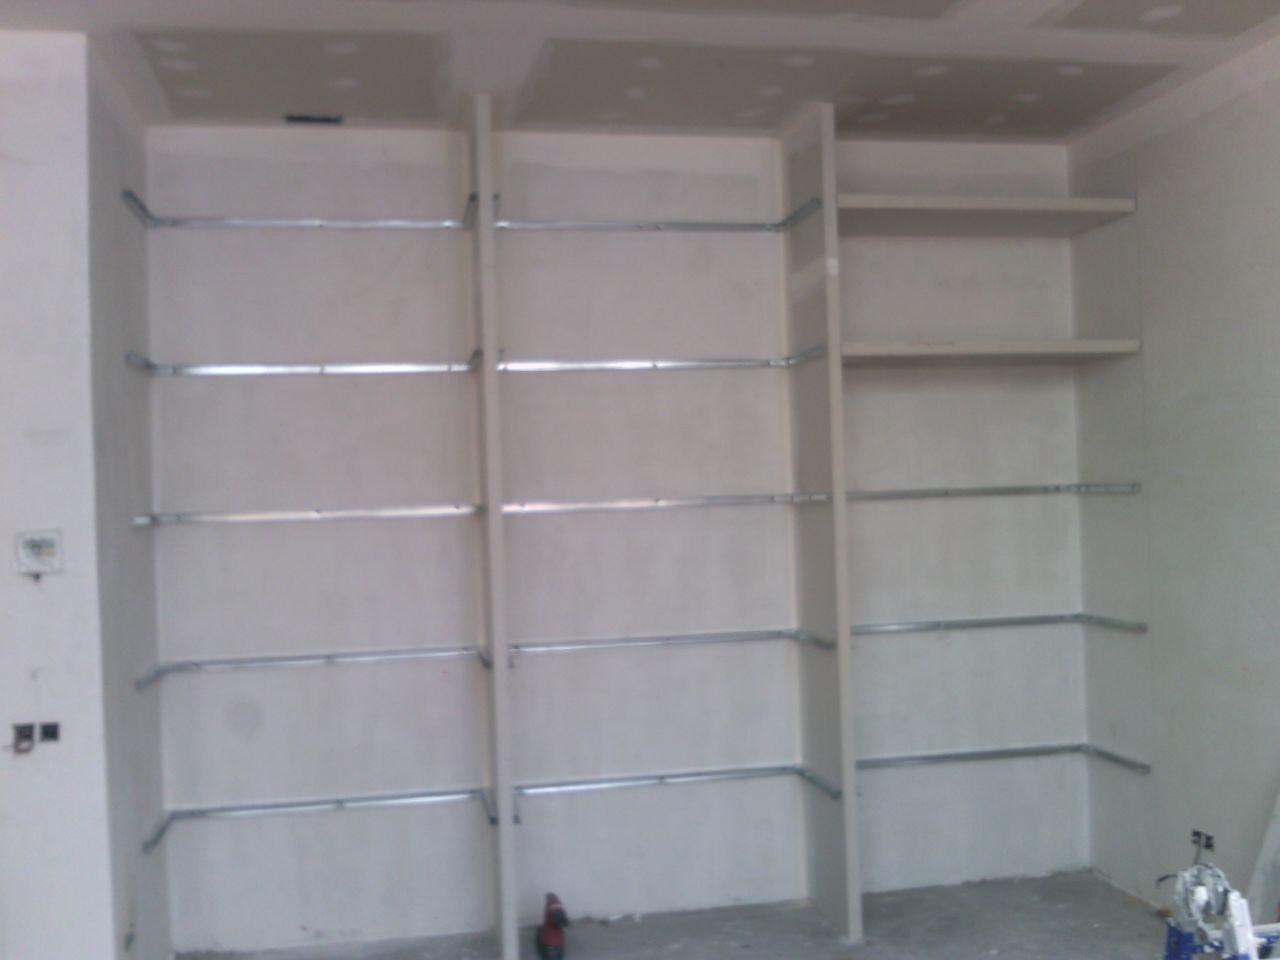 Tabiquer a y armarios de pladur placavila - Armarios de pladur ...